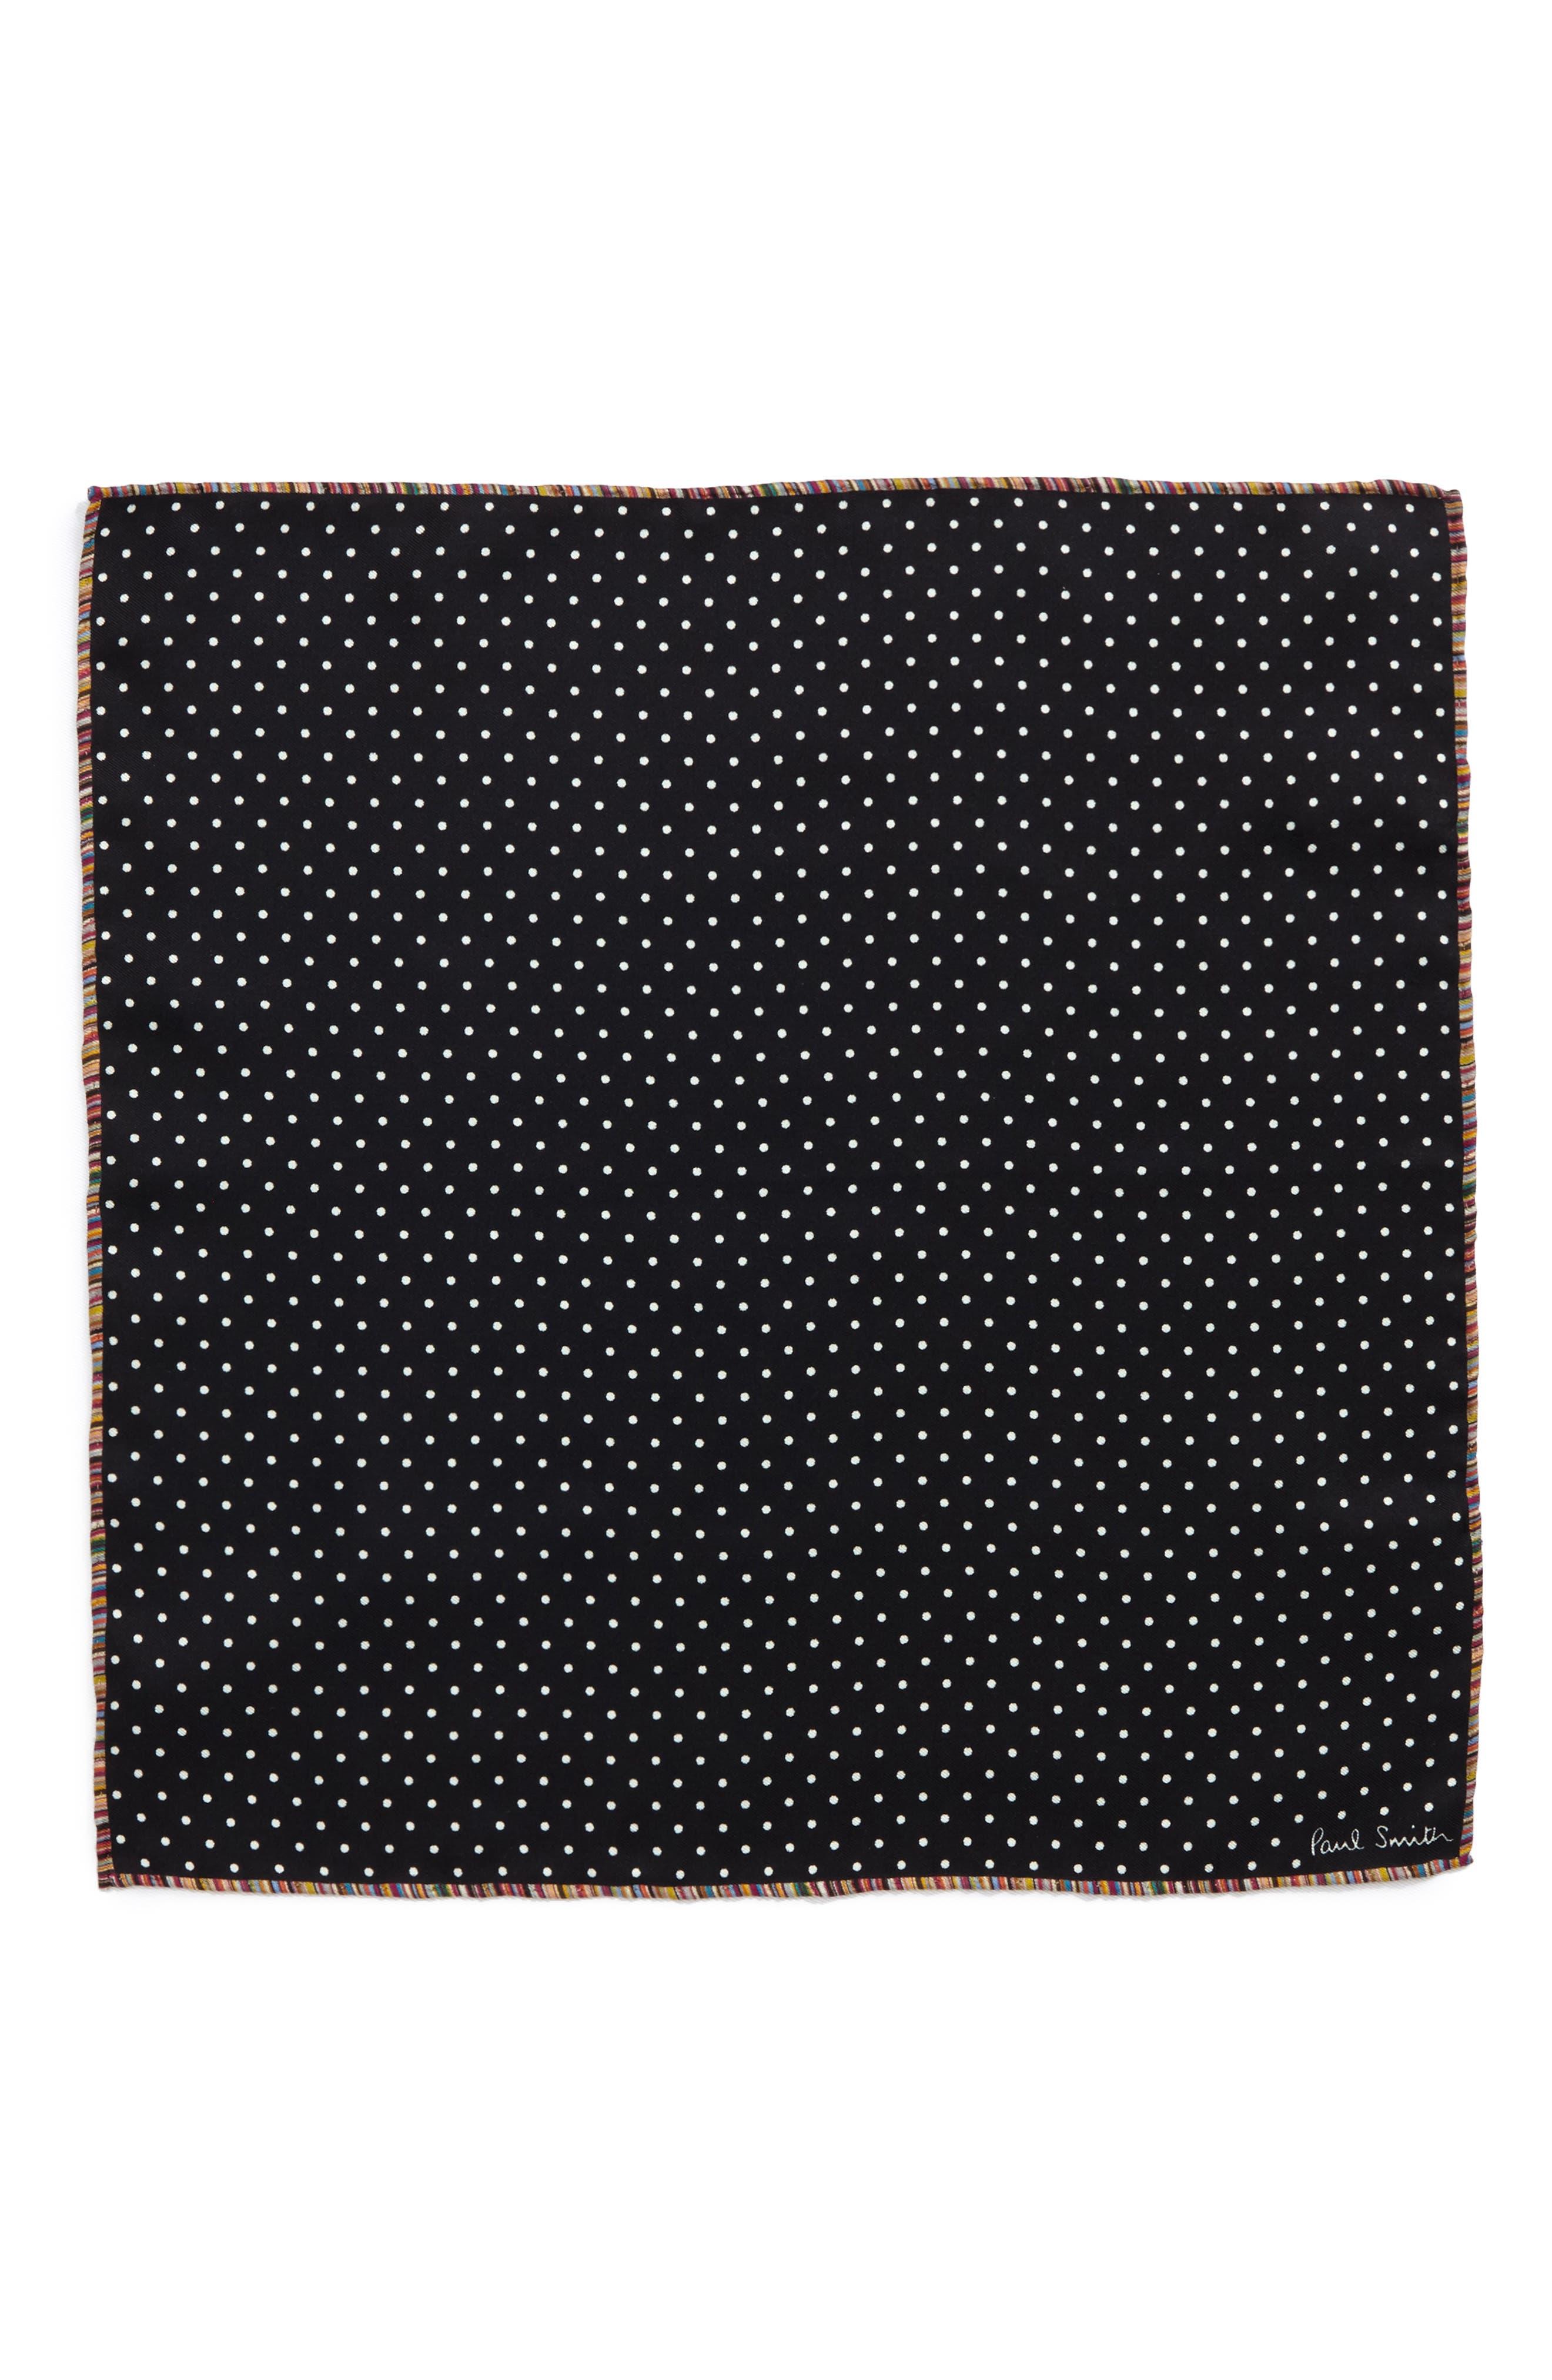 Multistripe Edge Dot Silk Pocket Square,                             Alternate thumbnail 2, color,                             001